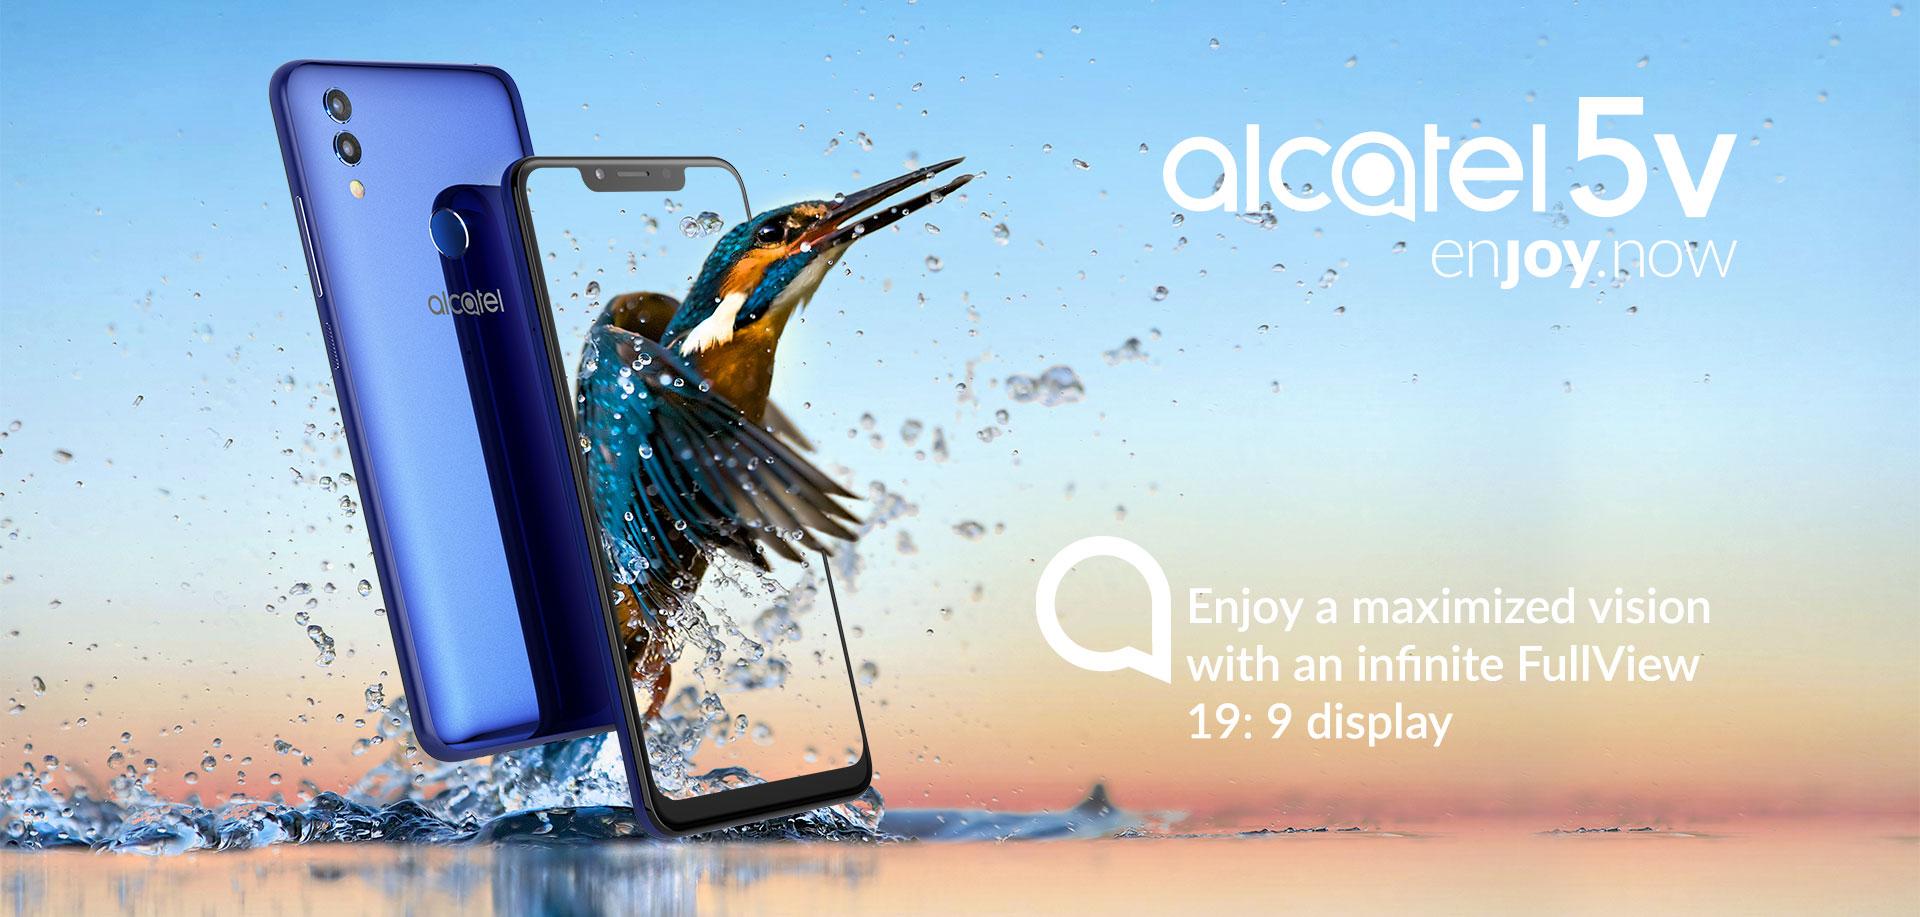 جوال Alcatel 5V المميز بتصميم جذاب ومواصفات رائعة جداً